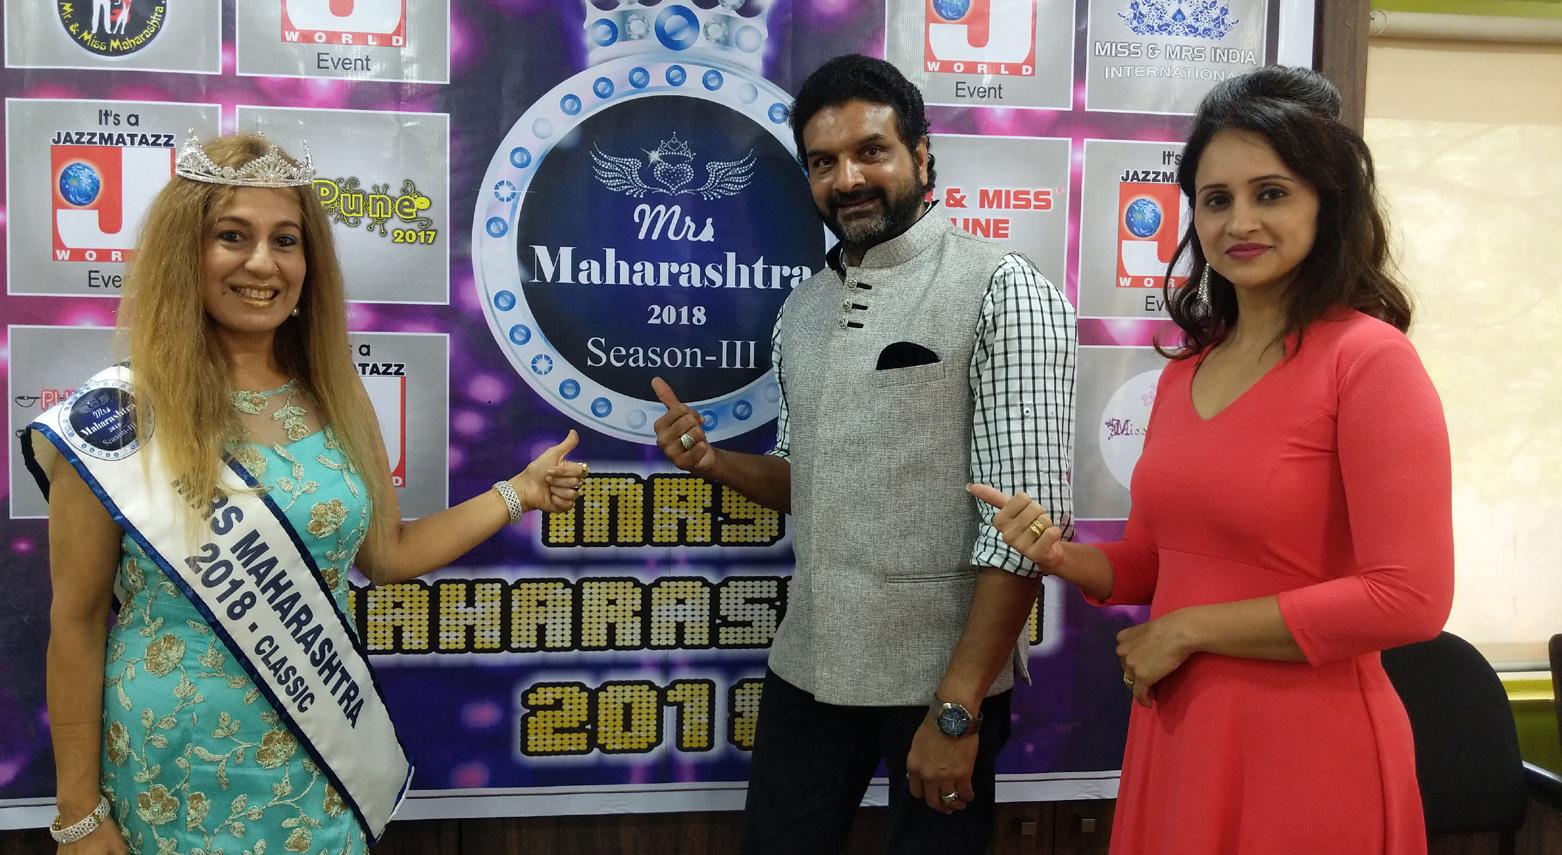 मीनाक्षी मल्होत्रा बनल्या मिसेस महाराष्ट्र २०१८